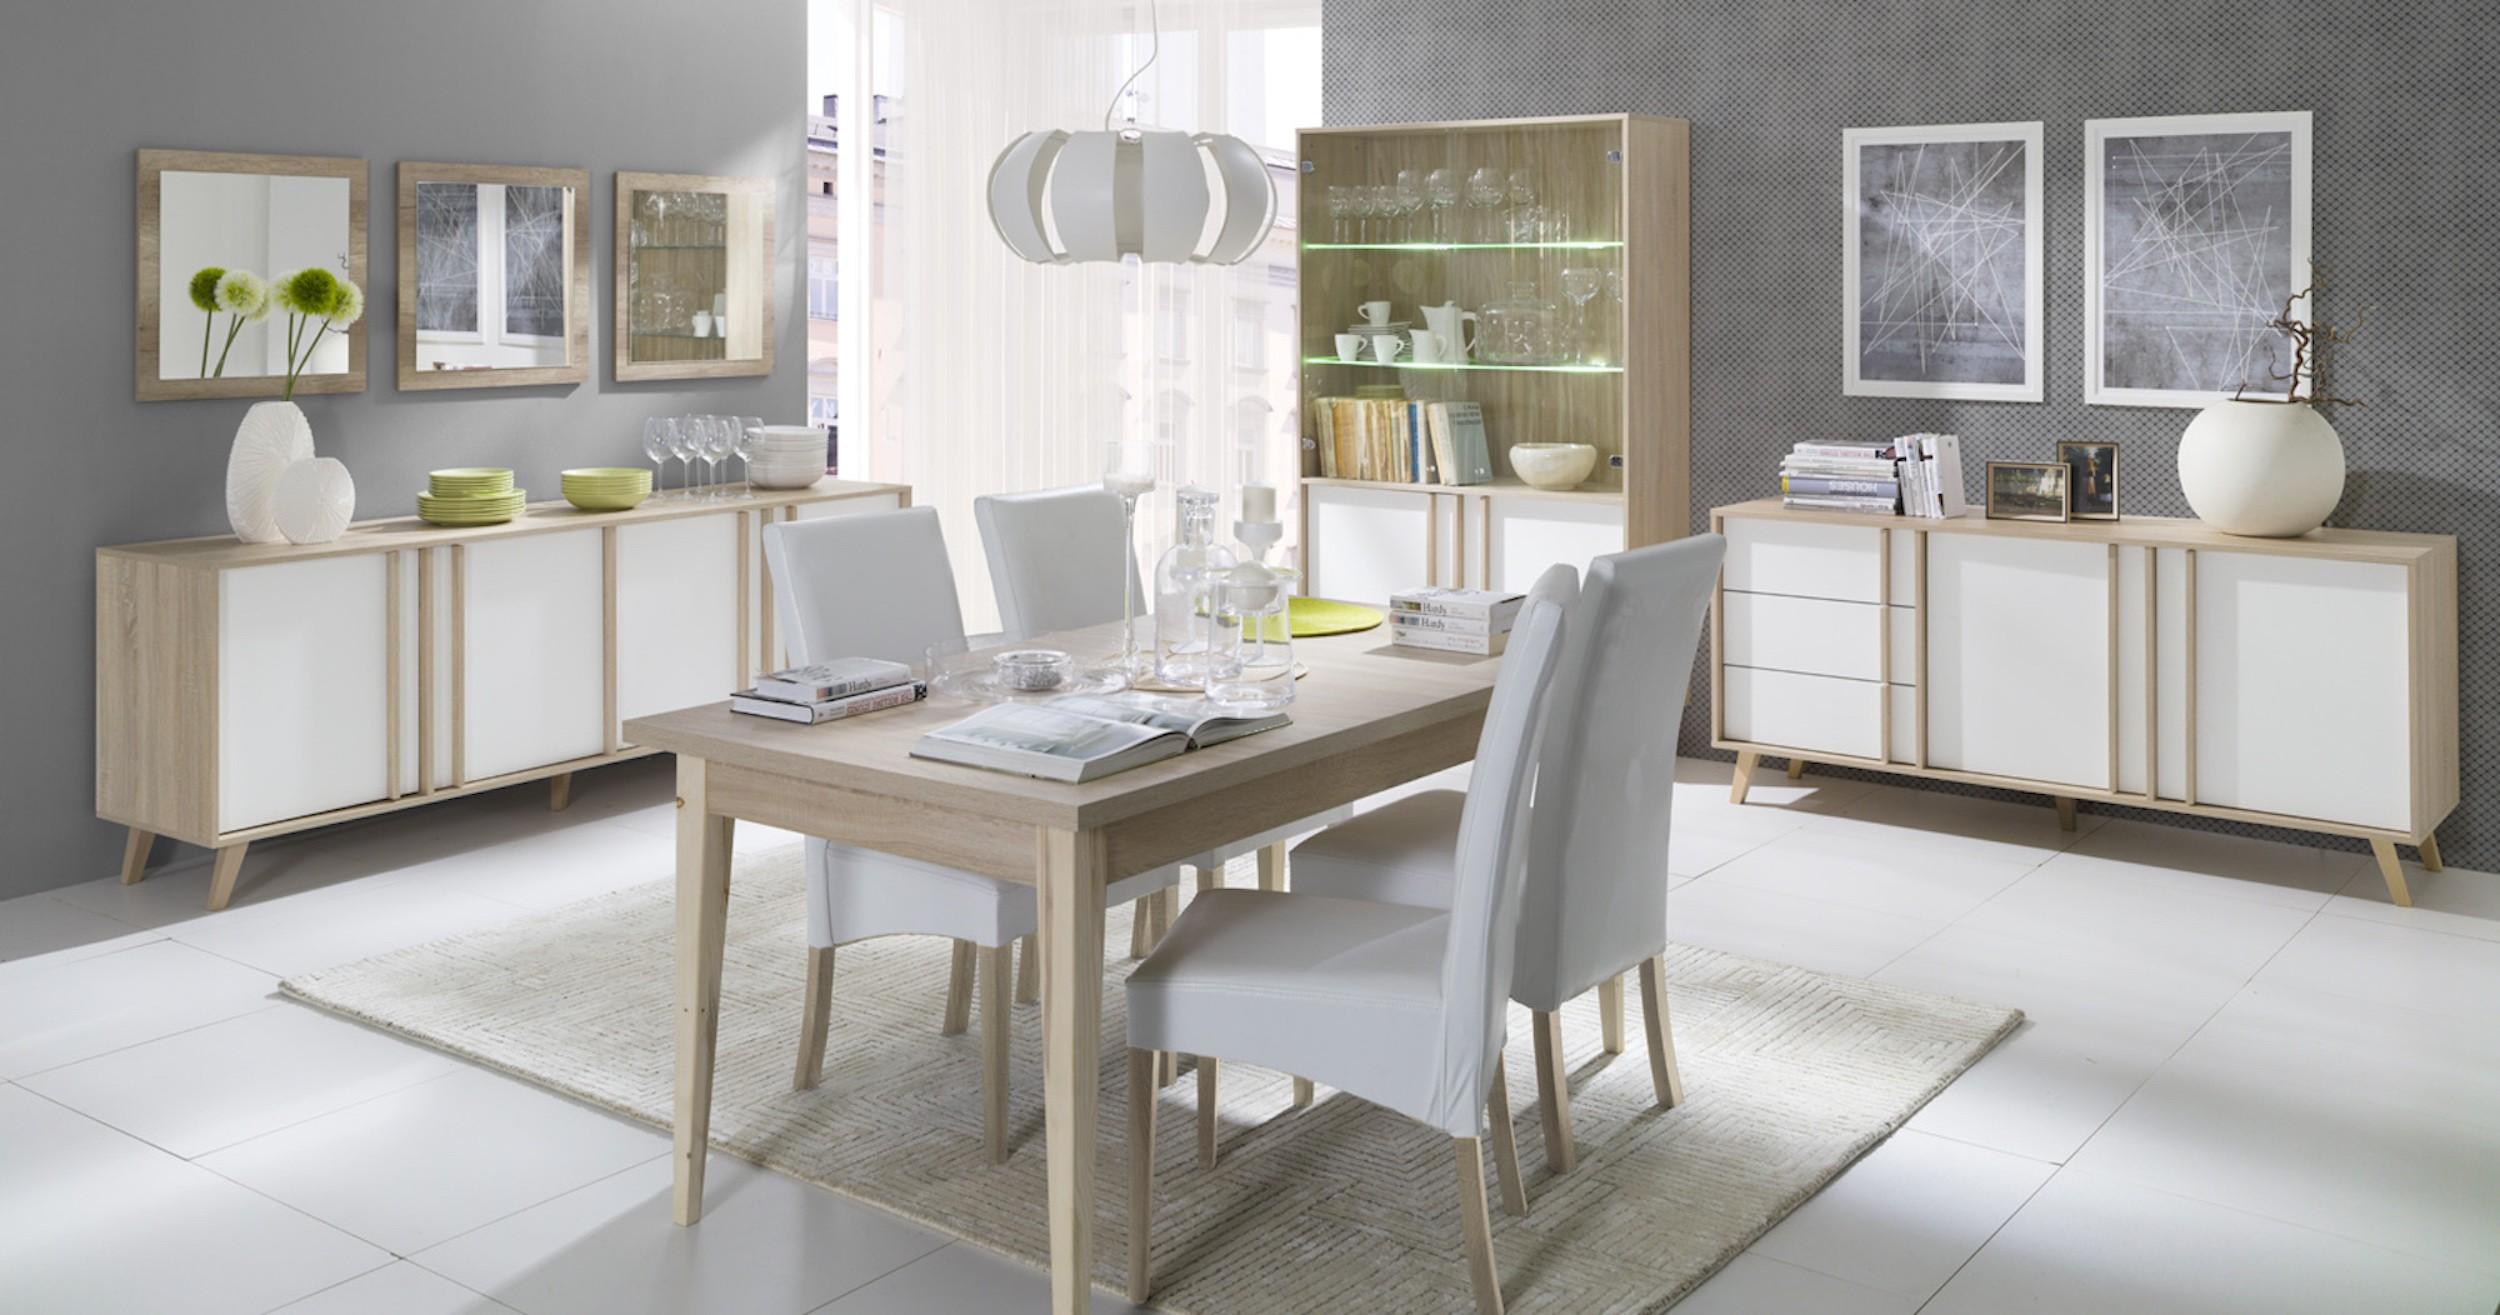 Salle manger buffet enfilade bahut gm malmo 3 miroirs meuble - Meuble bas salle a manger ...